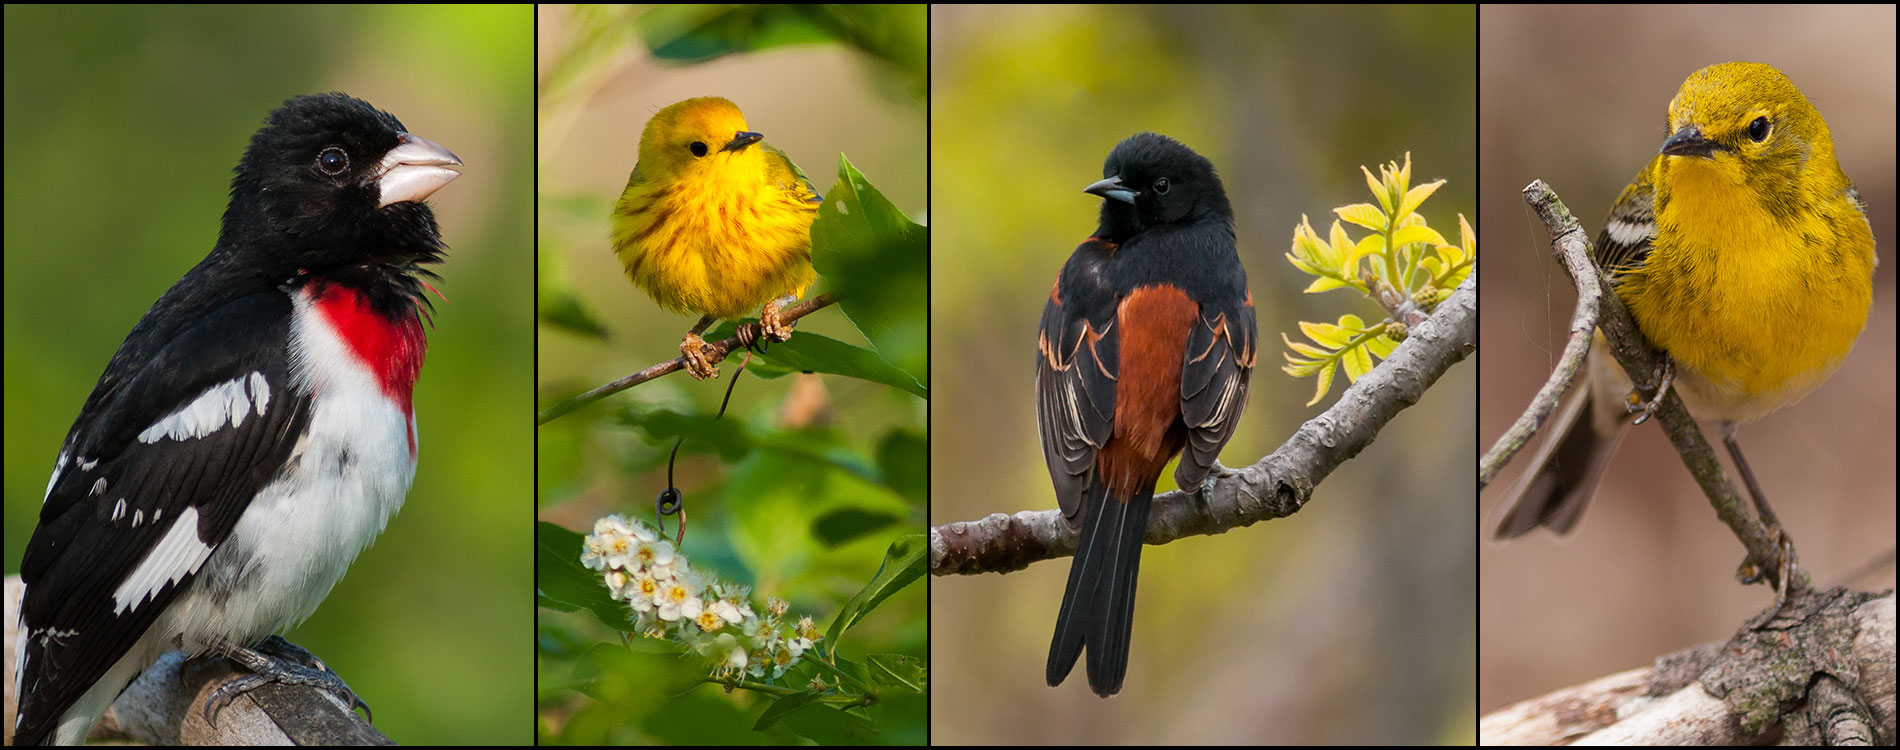 birds5_1900x750